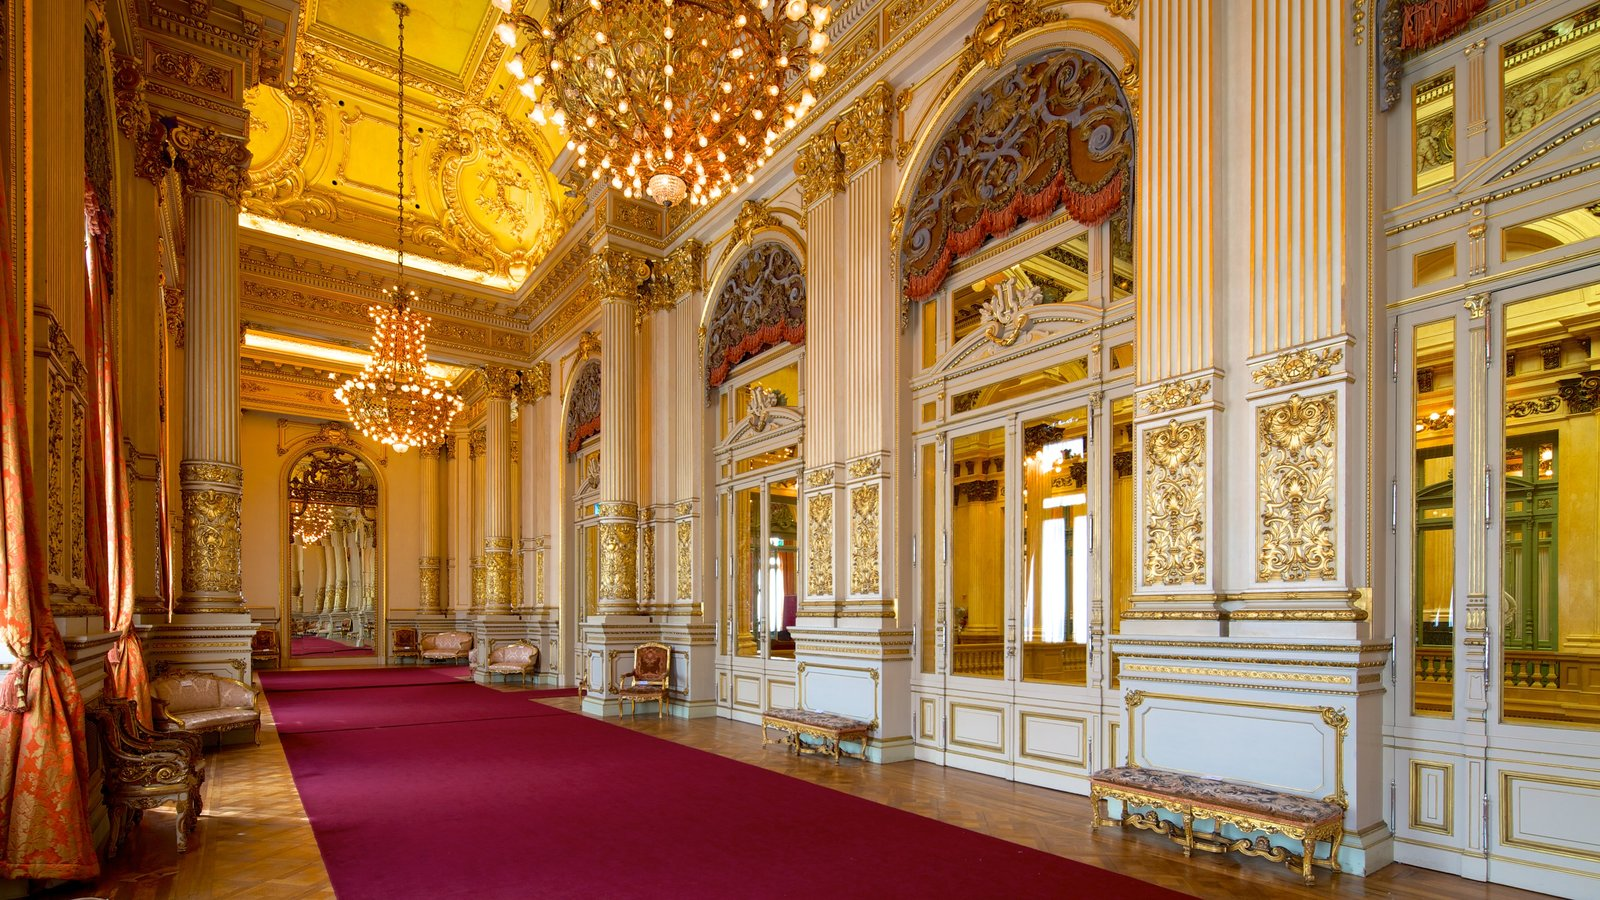 Teatro Colón que inclui cenas de teatro e vistas internas